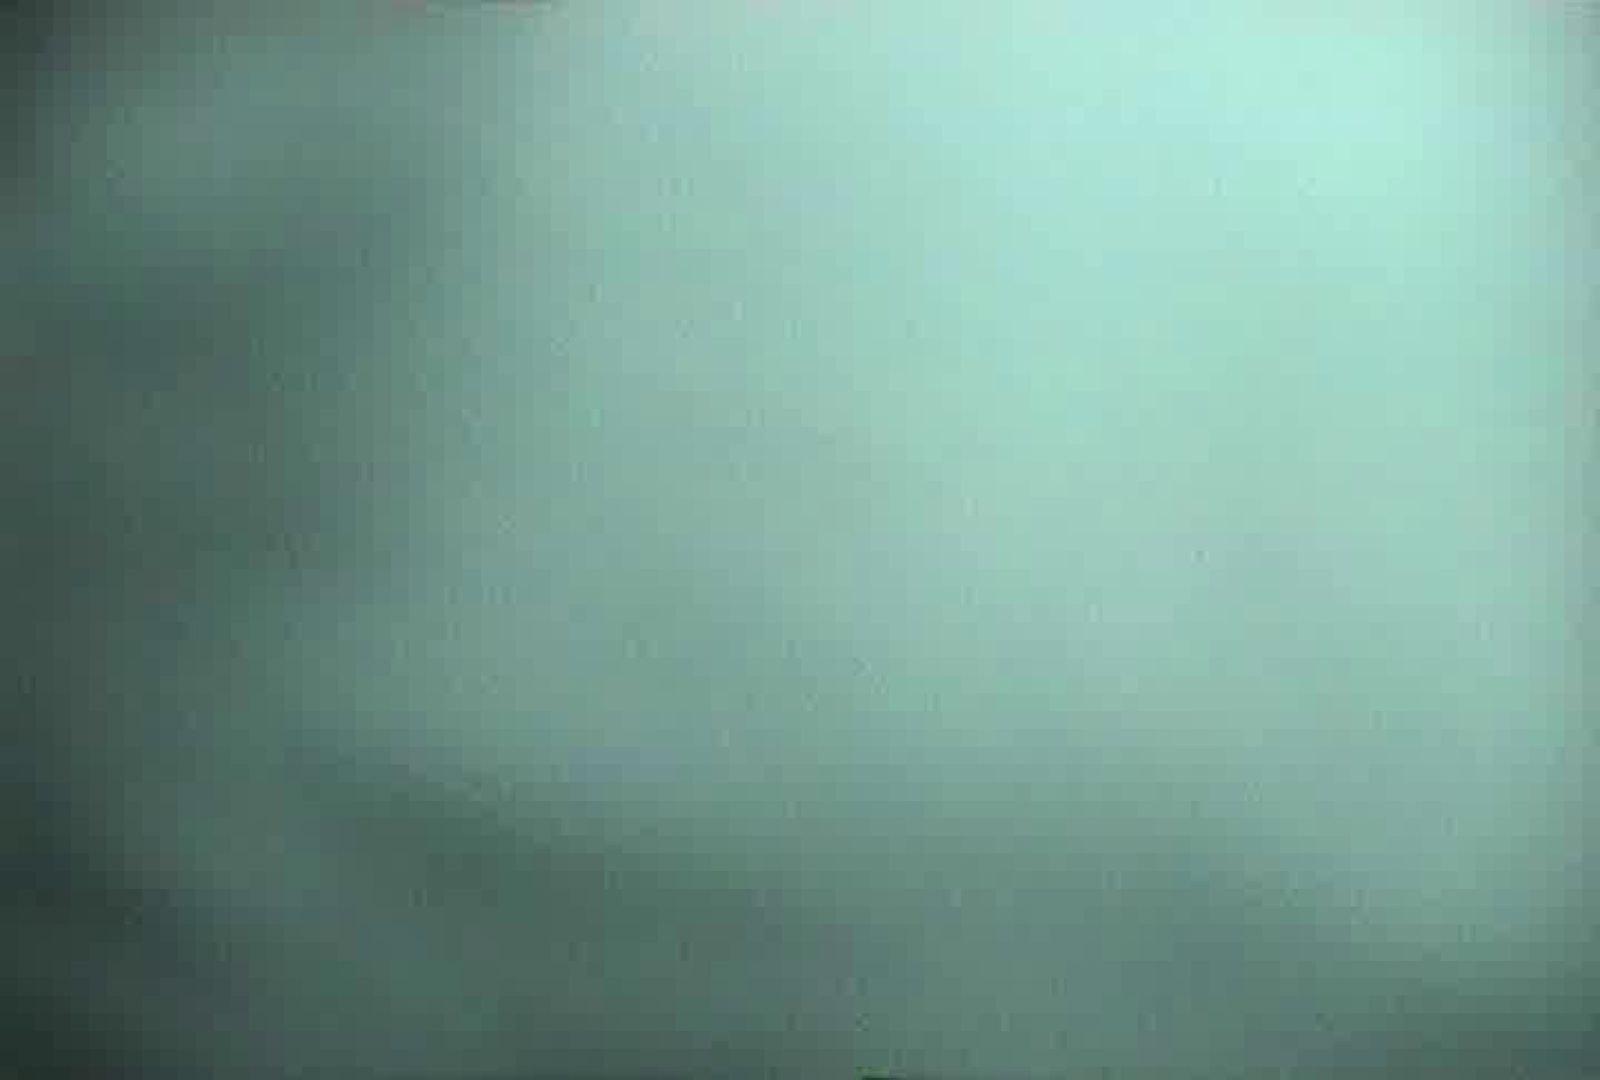 充血監督の深夜の運動会Vol.68 カップルもろsex セックス画像 98PICs 75